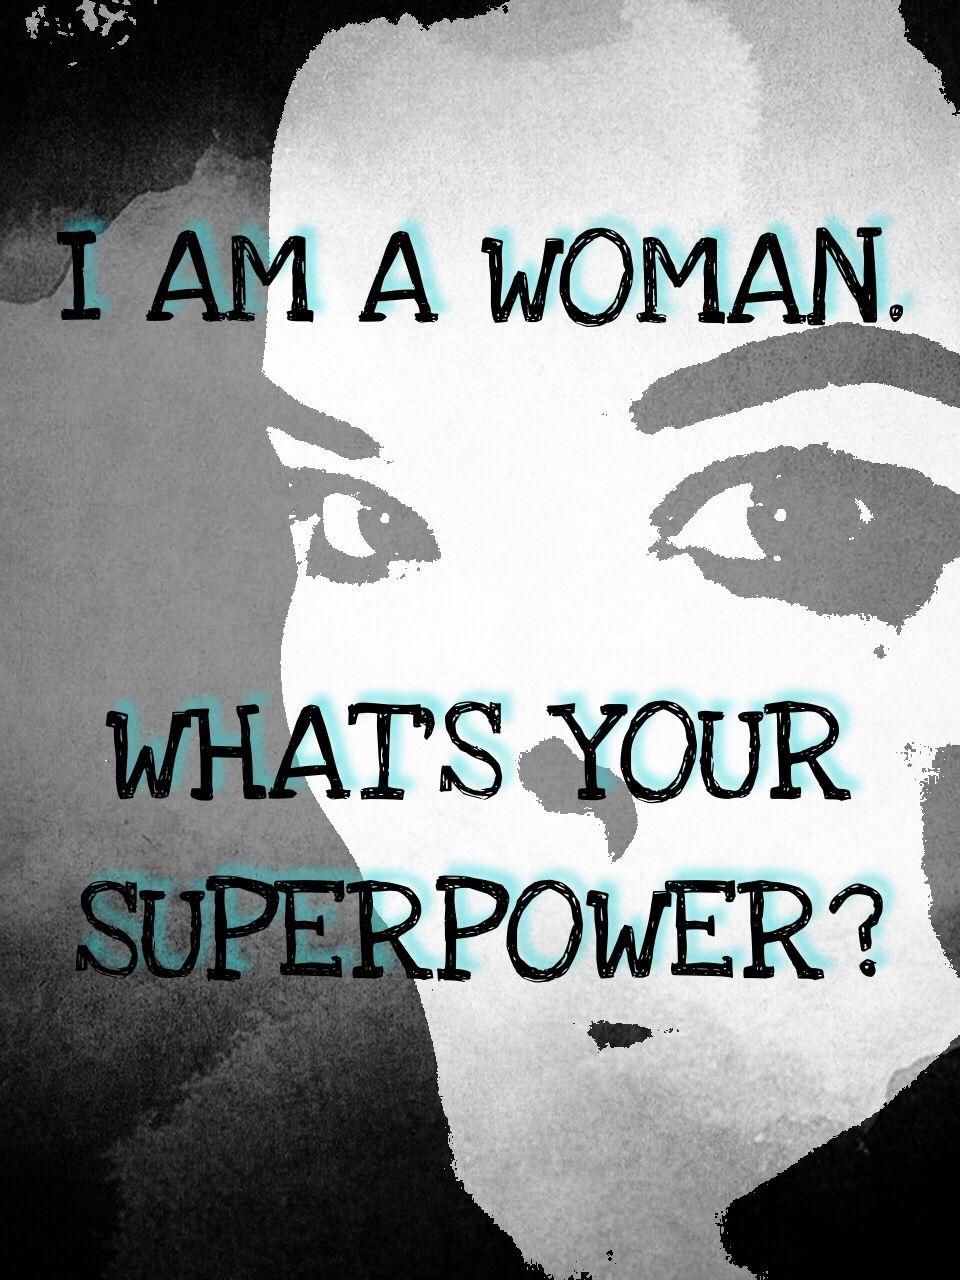 Woman superpower